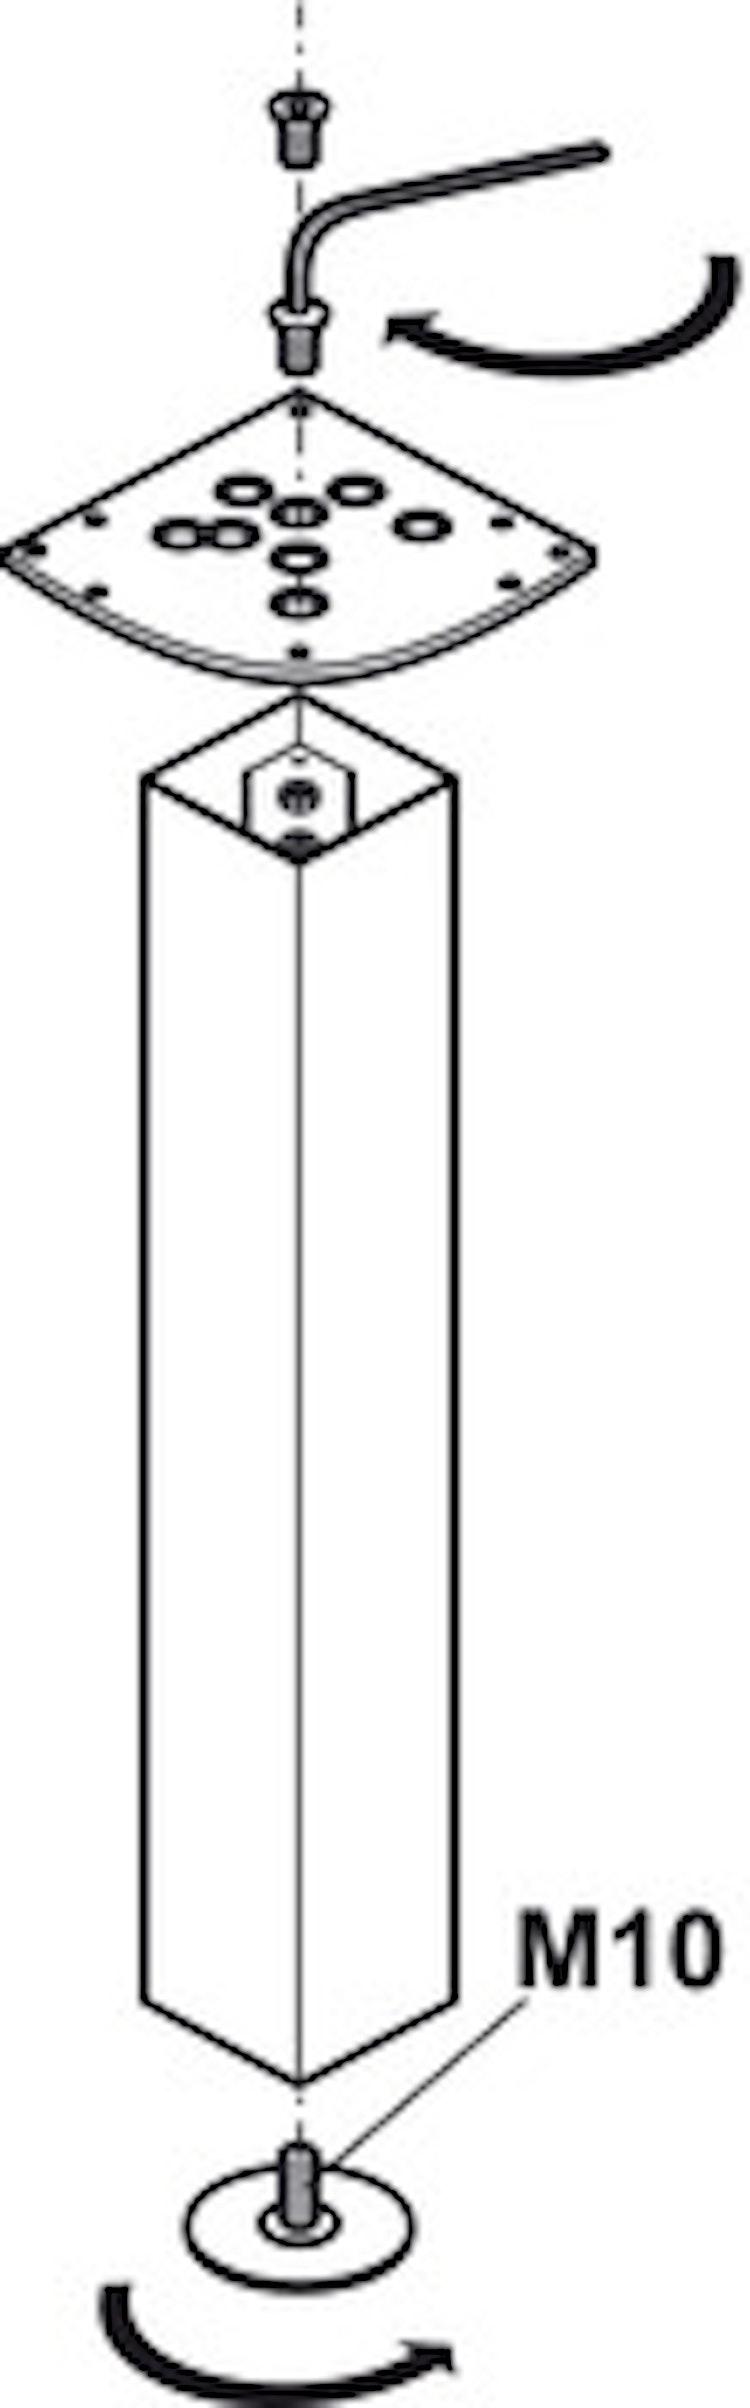 Designben - Rondella, eliptisk